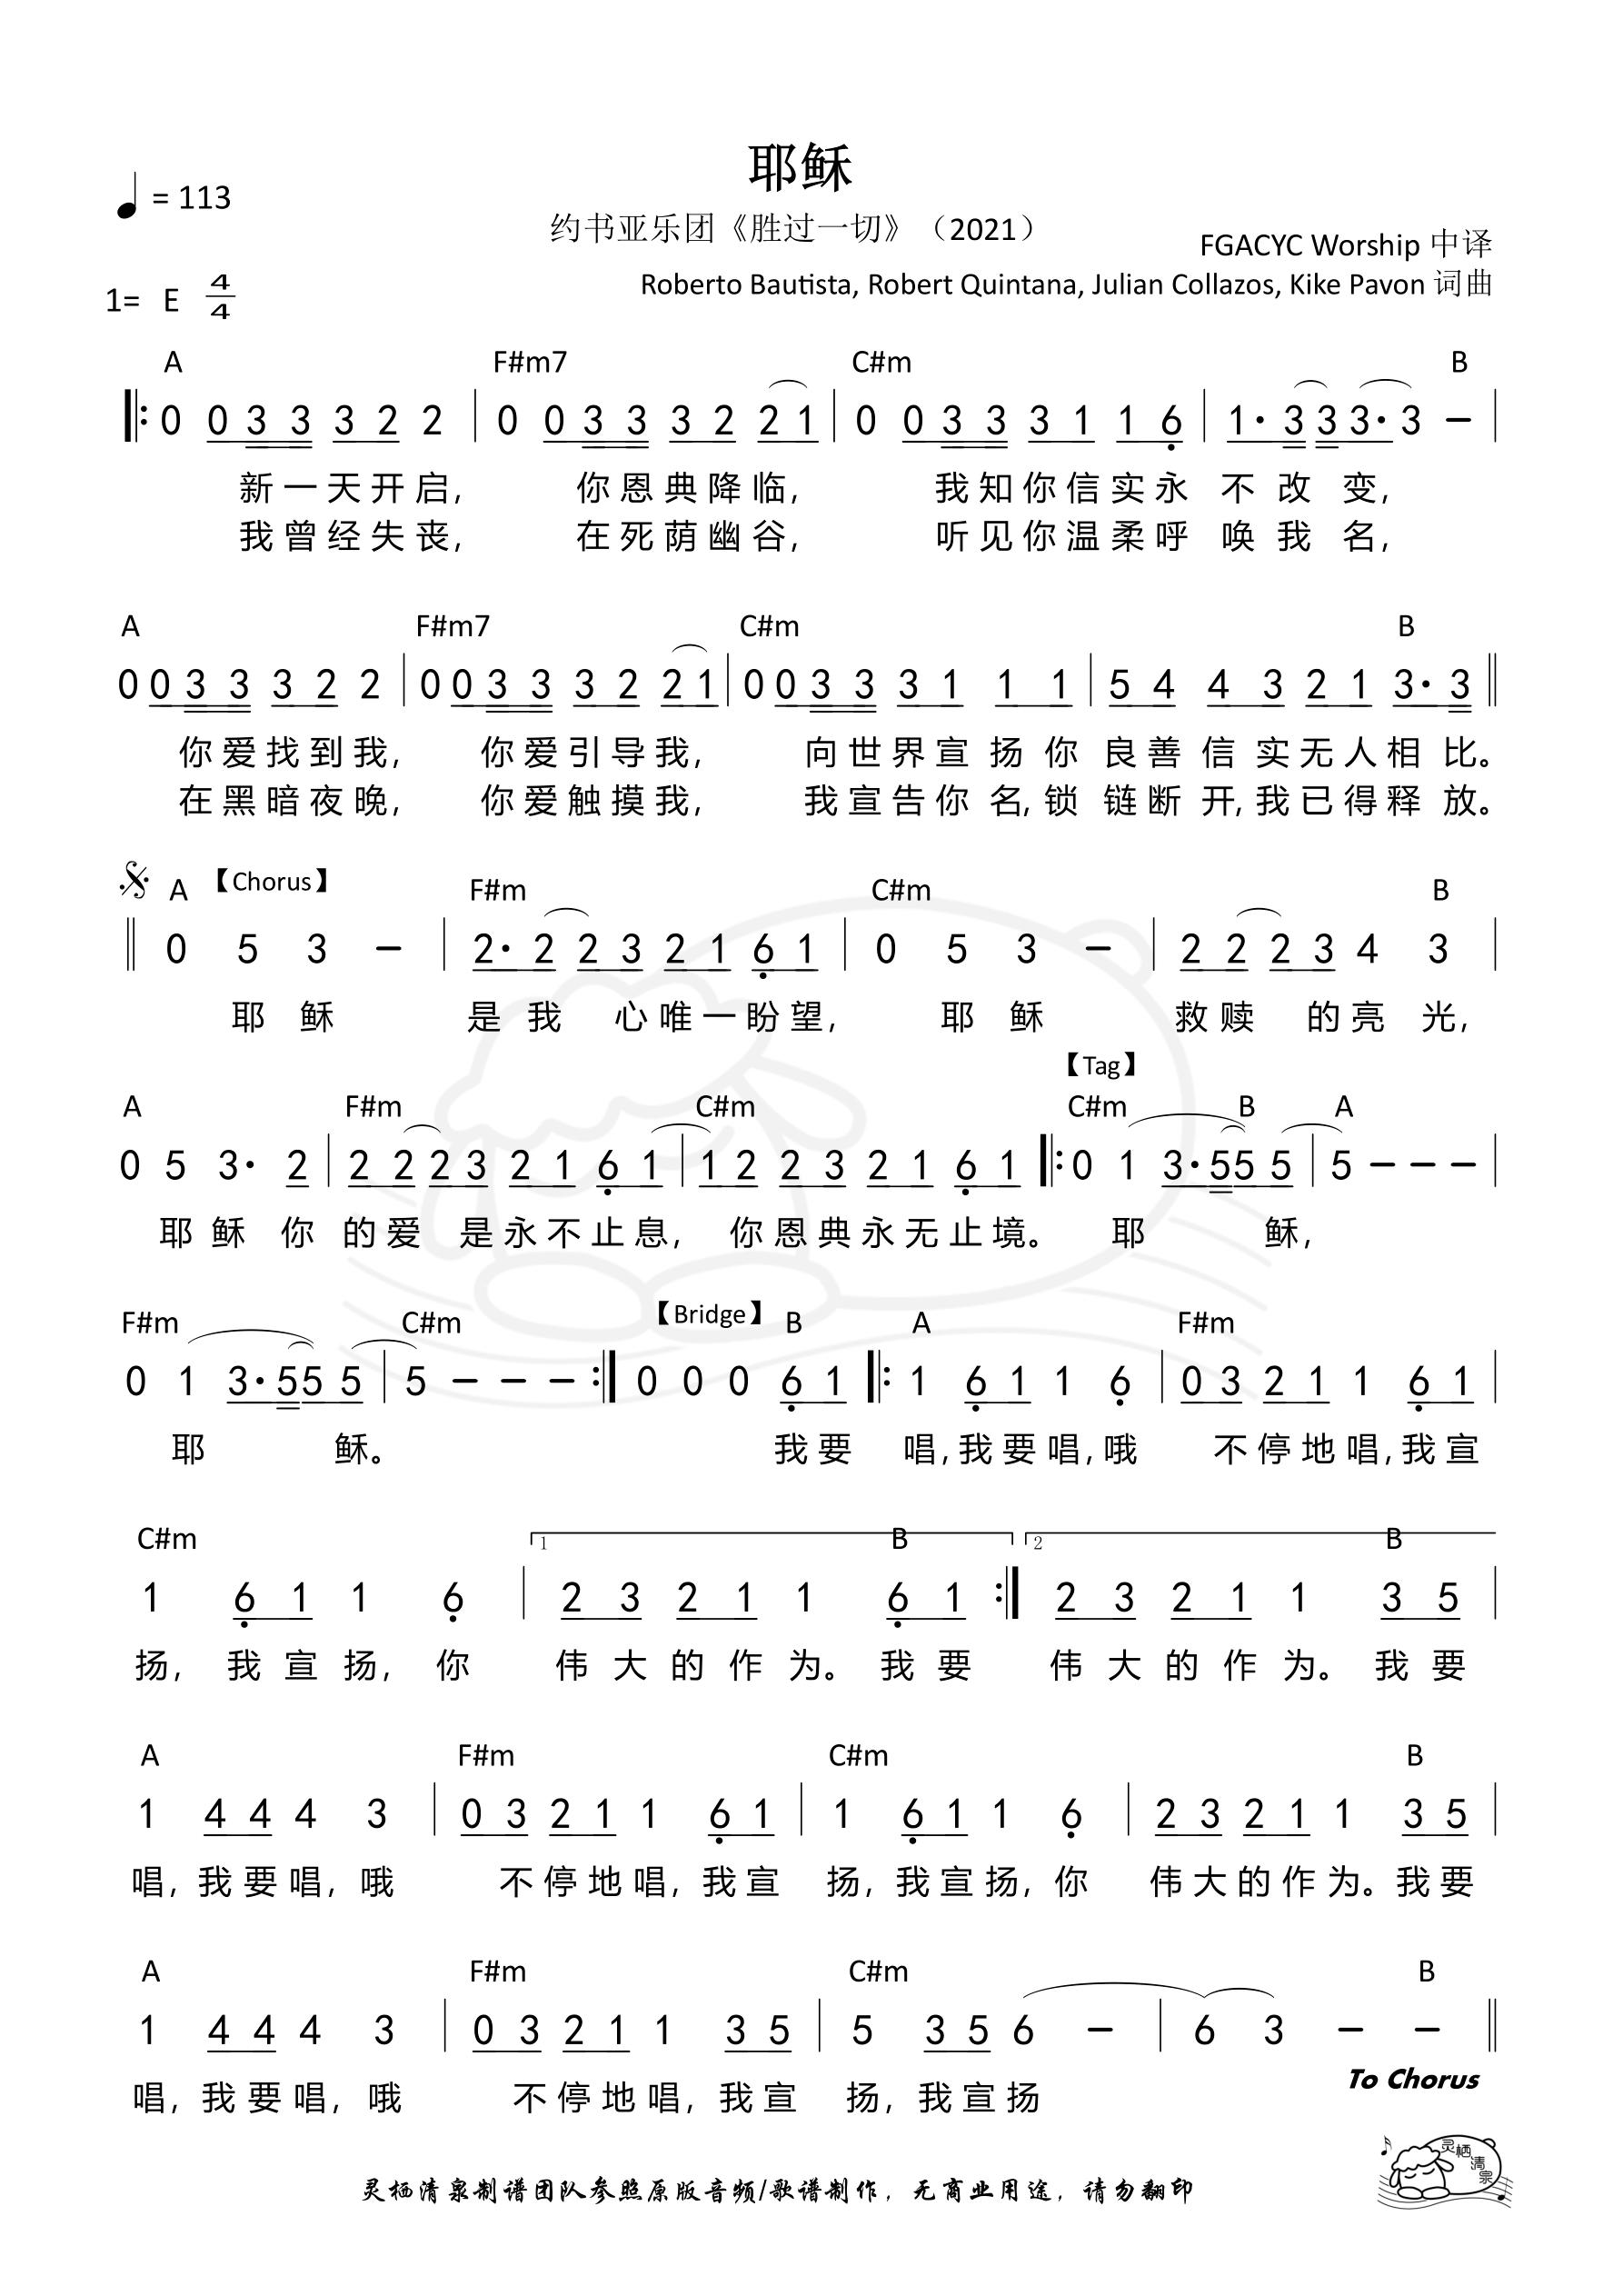 《第223首 - 耶稣(FGACYC) 和弦简谱》